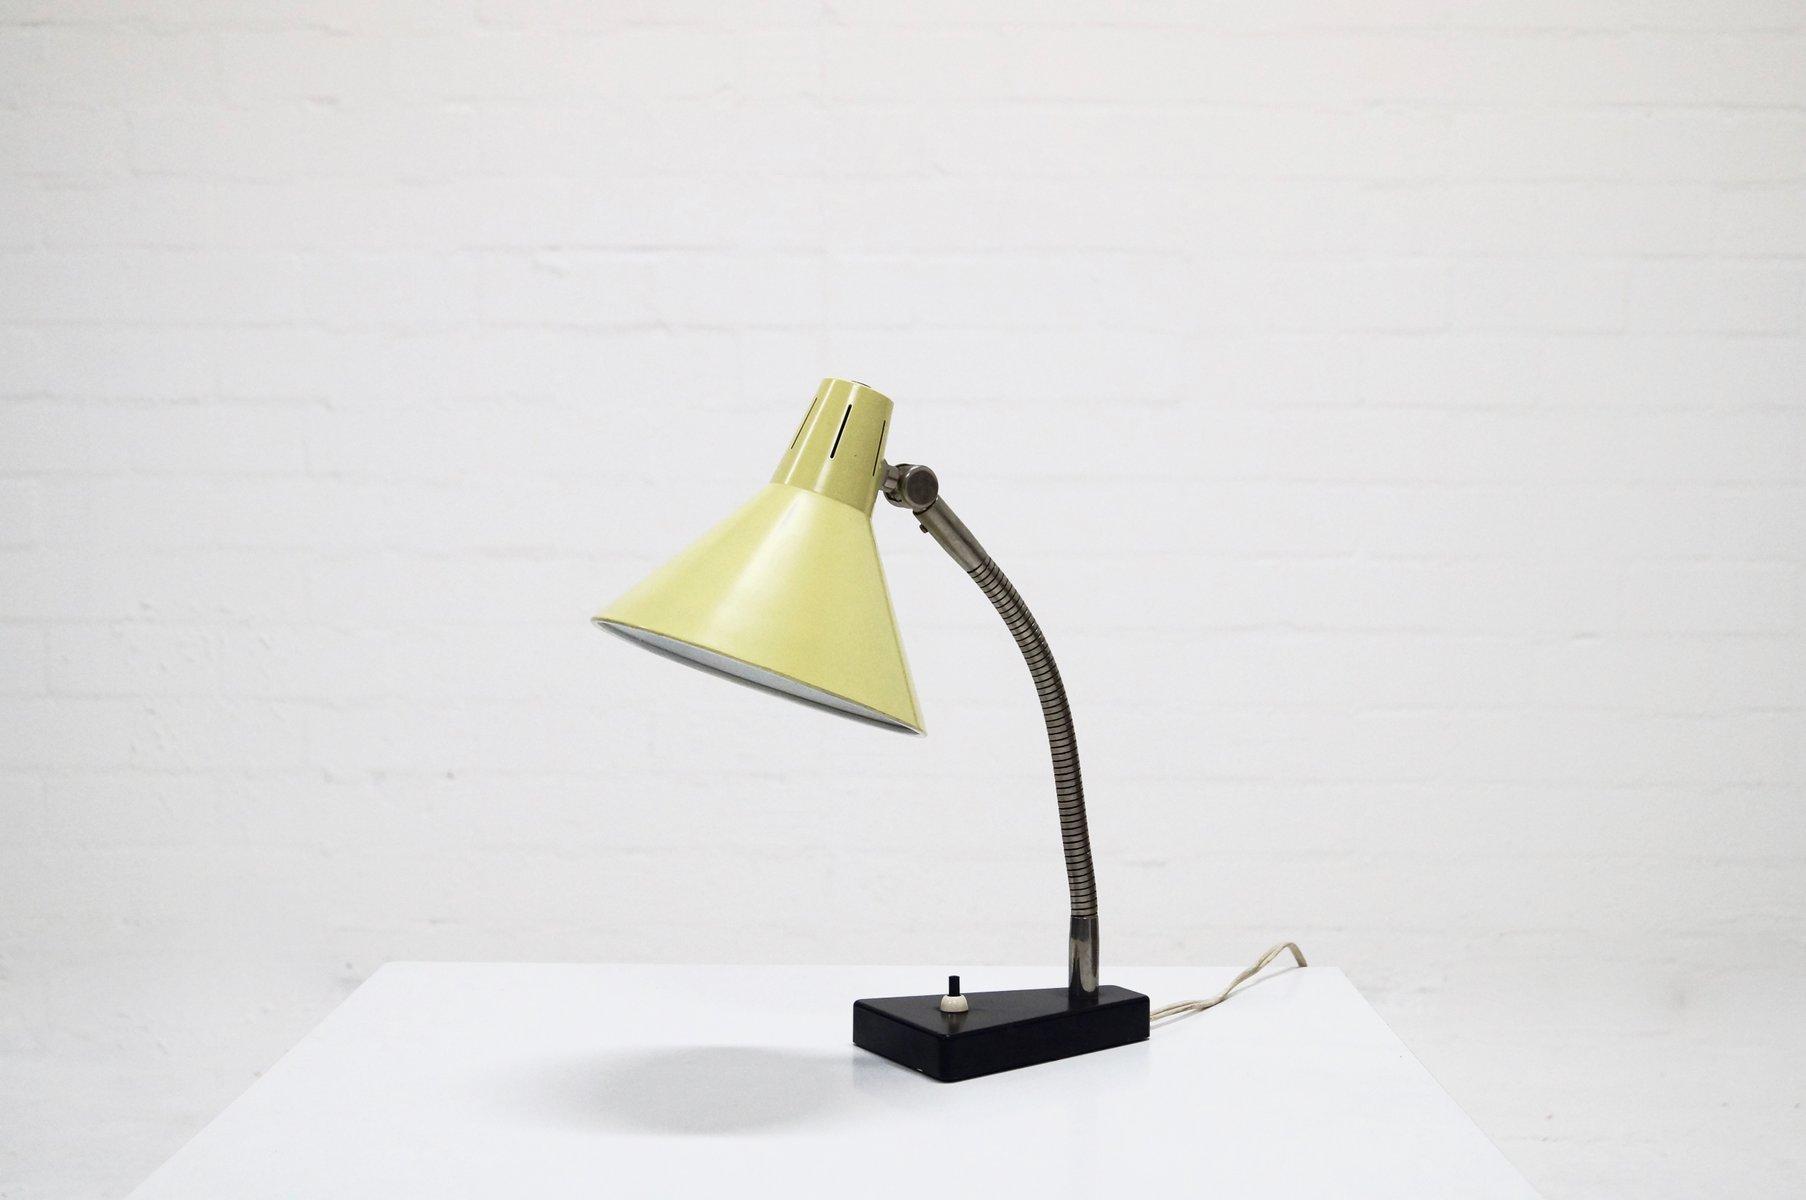 Mid Century Metal Desk Lamp By Busquet For Hala Zeist 1950s